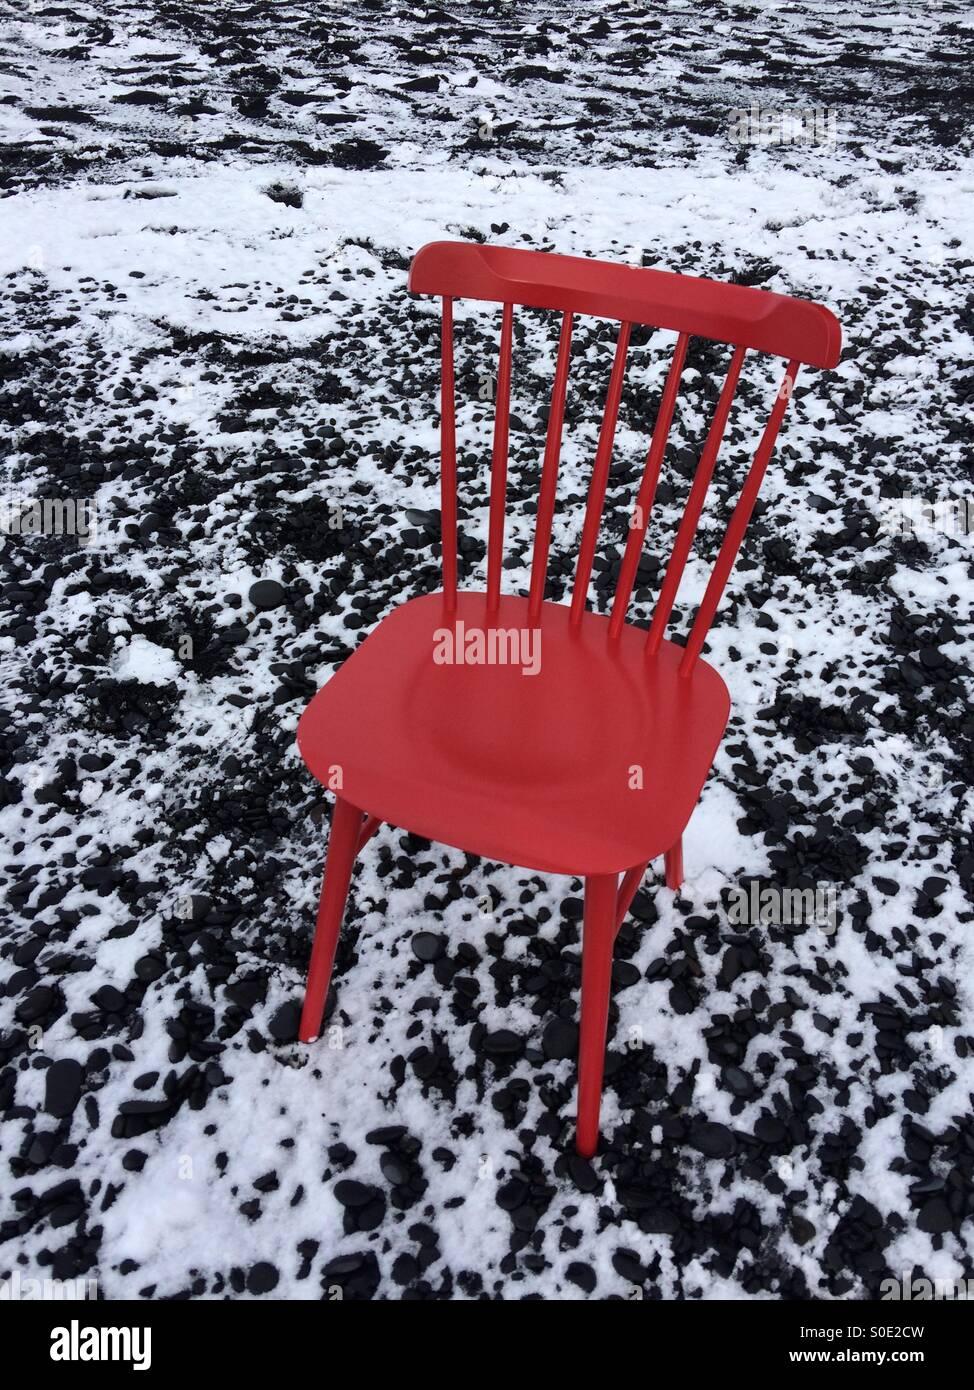 Sedia rossa nella spiaggia di sabbia nera. L'Islanda Foto